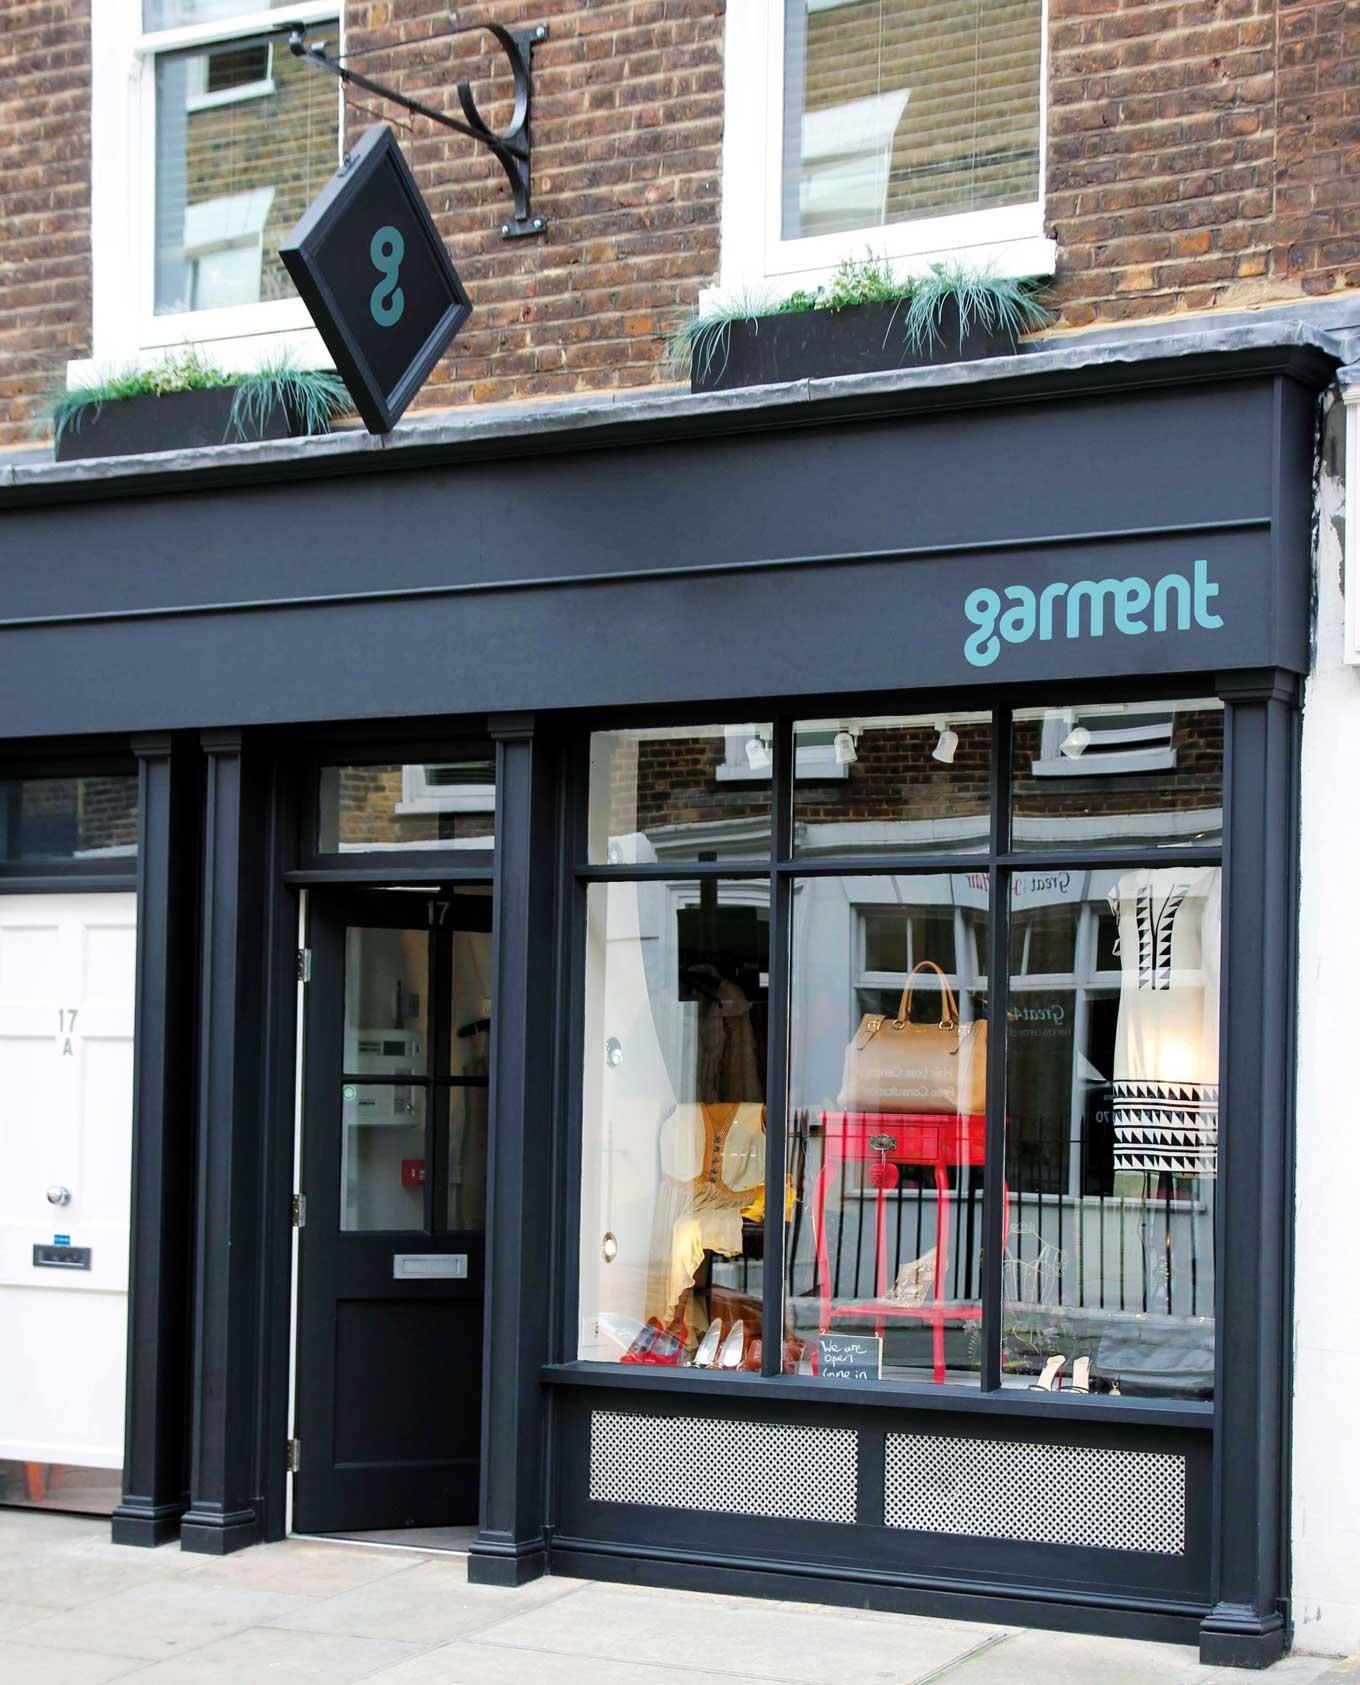 Garment shop front